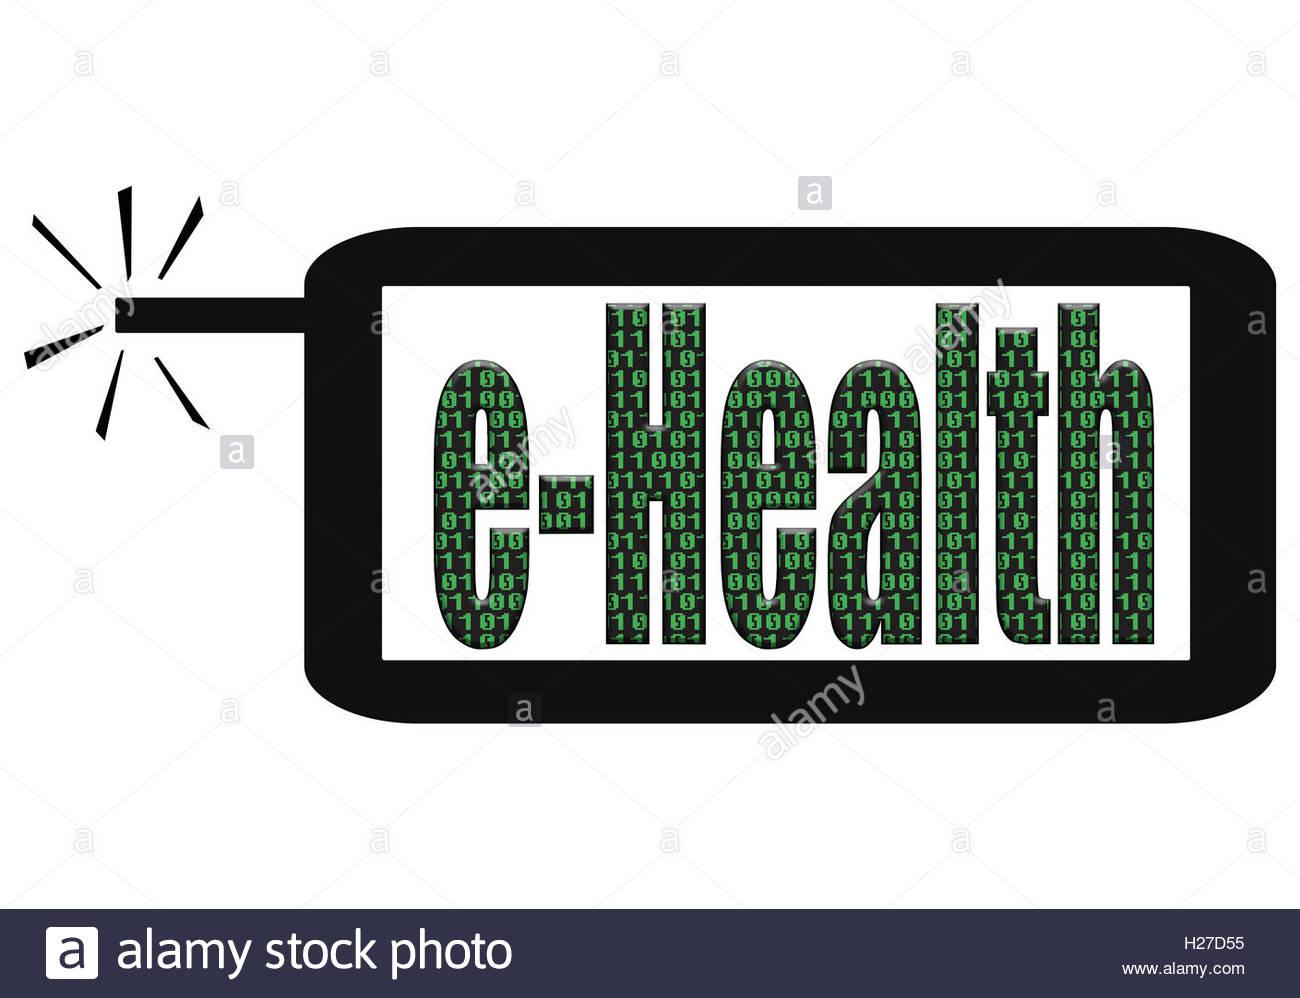 Digitale Illustration - App auf dem Smartphone. e-Health. EHealth ist Arztpraxen mit elektronischer Verfahren gesichert. Stockbild